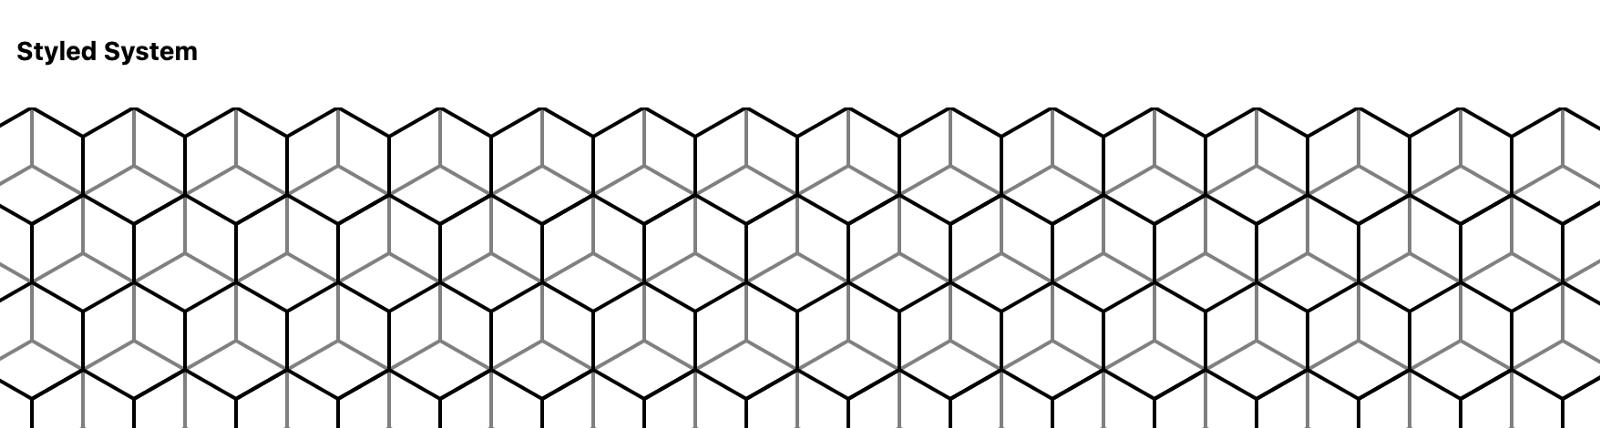 styled system logo